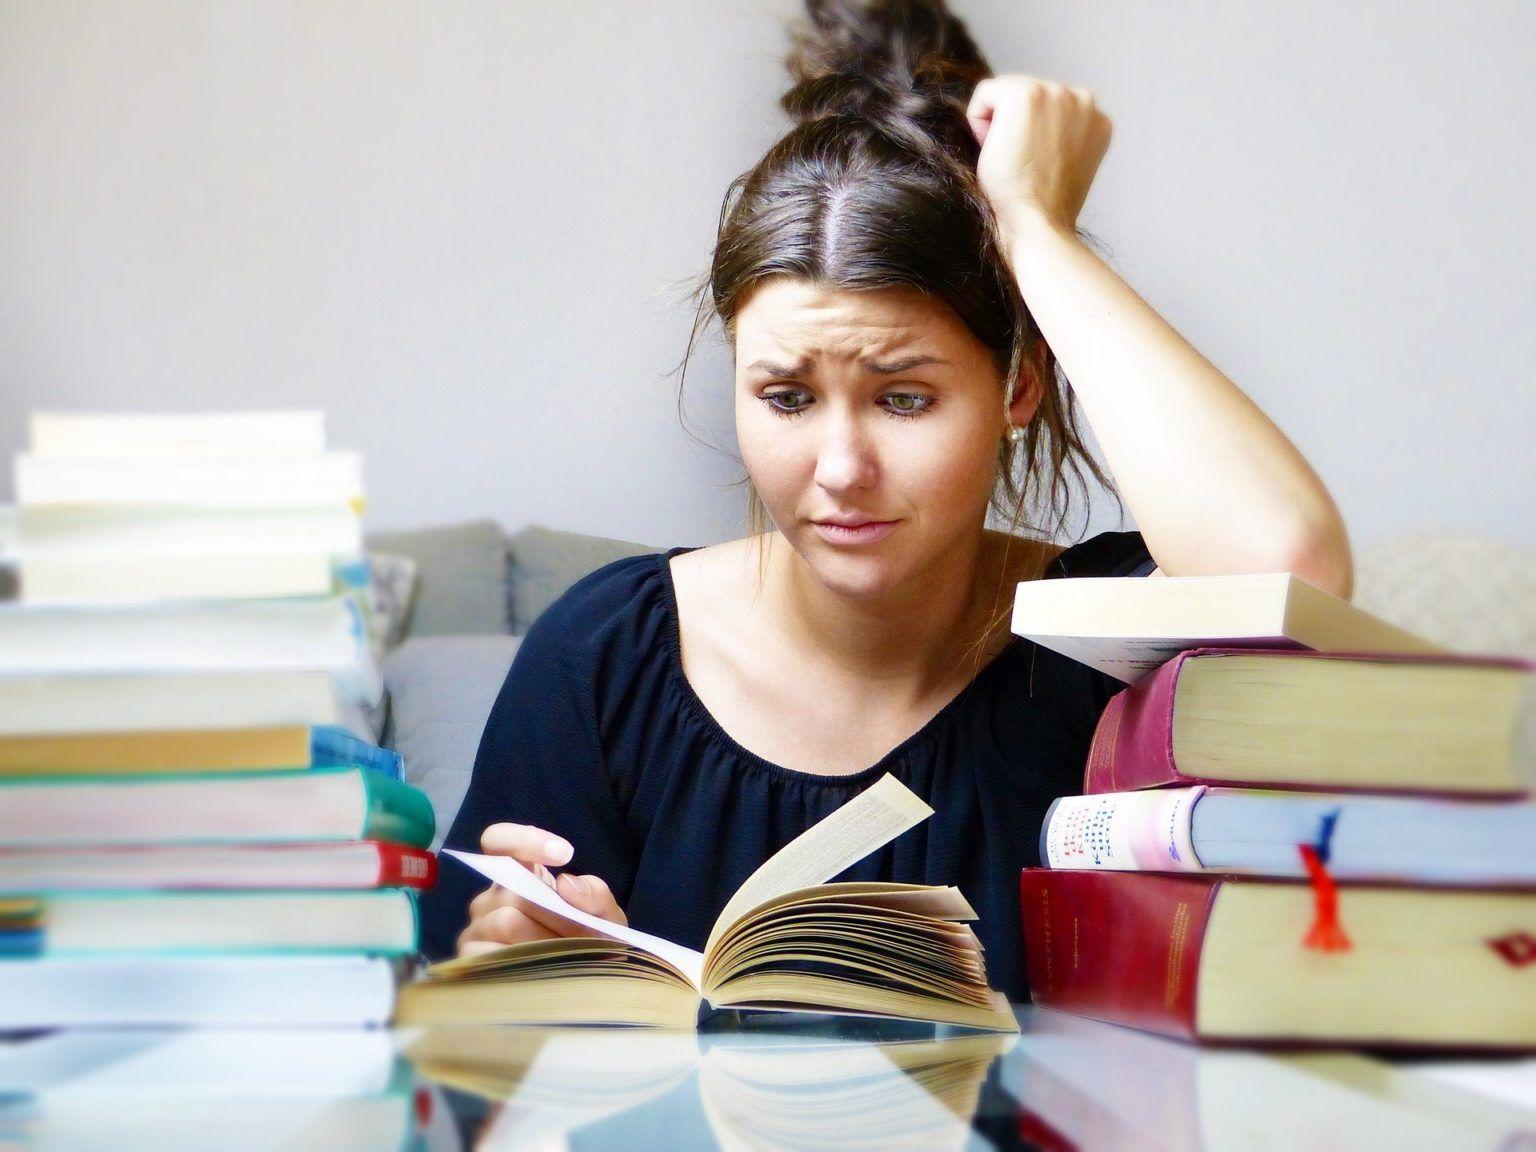 Por que estudar para concurso é tão difícil?